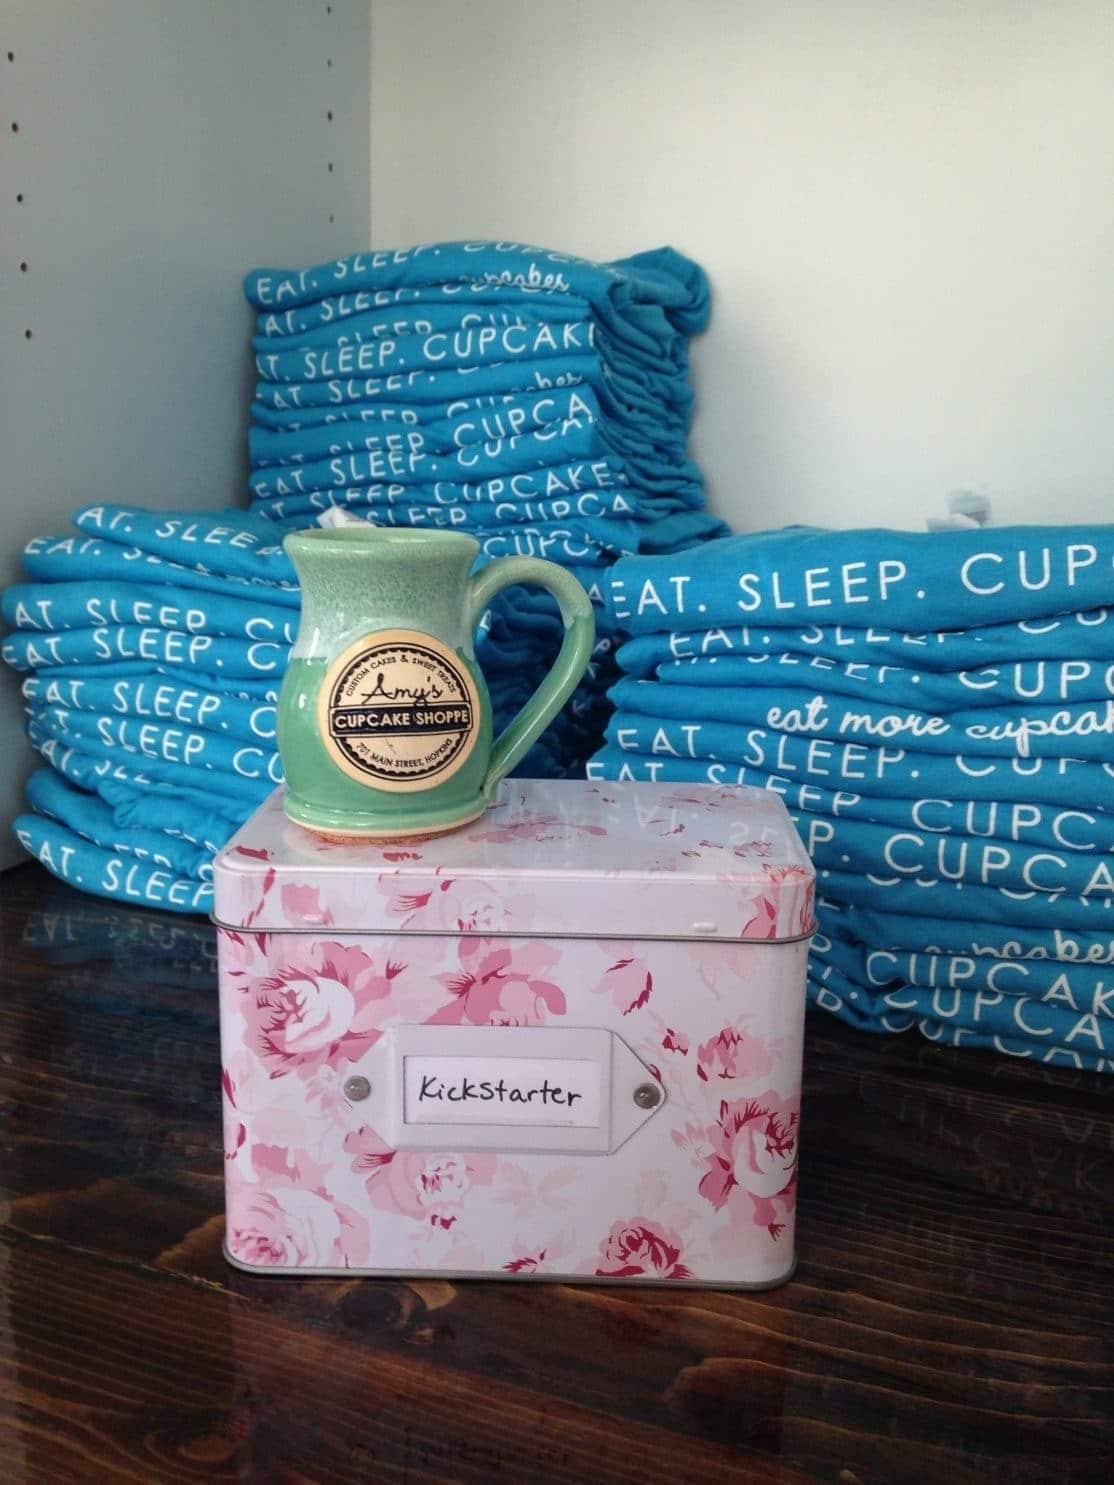 mug on kickstarter box